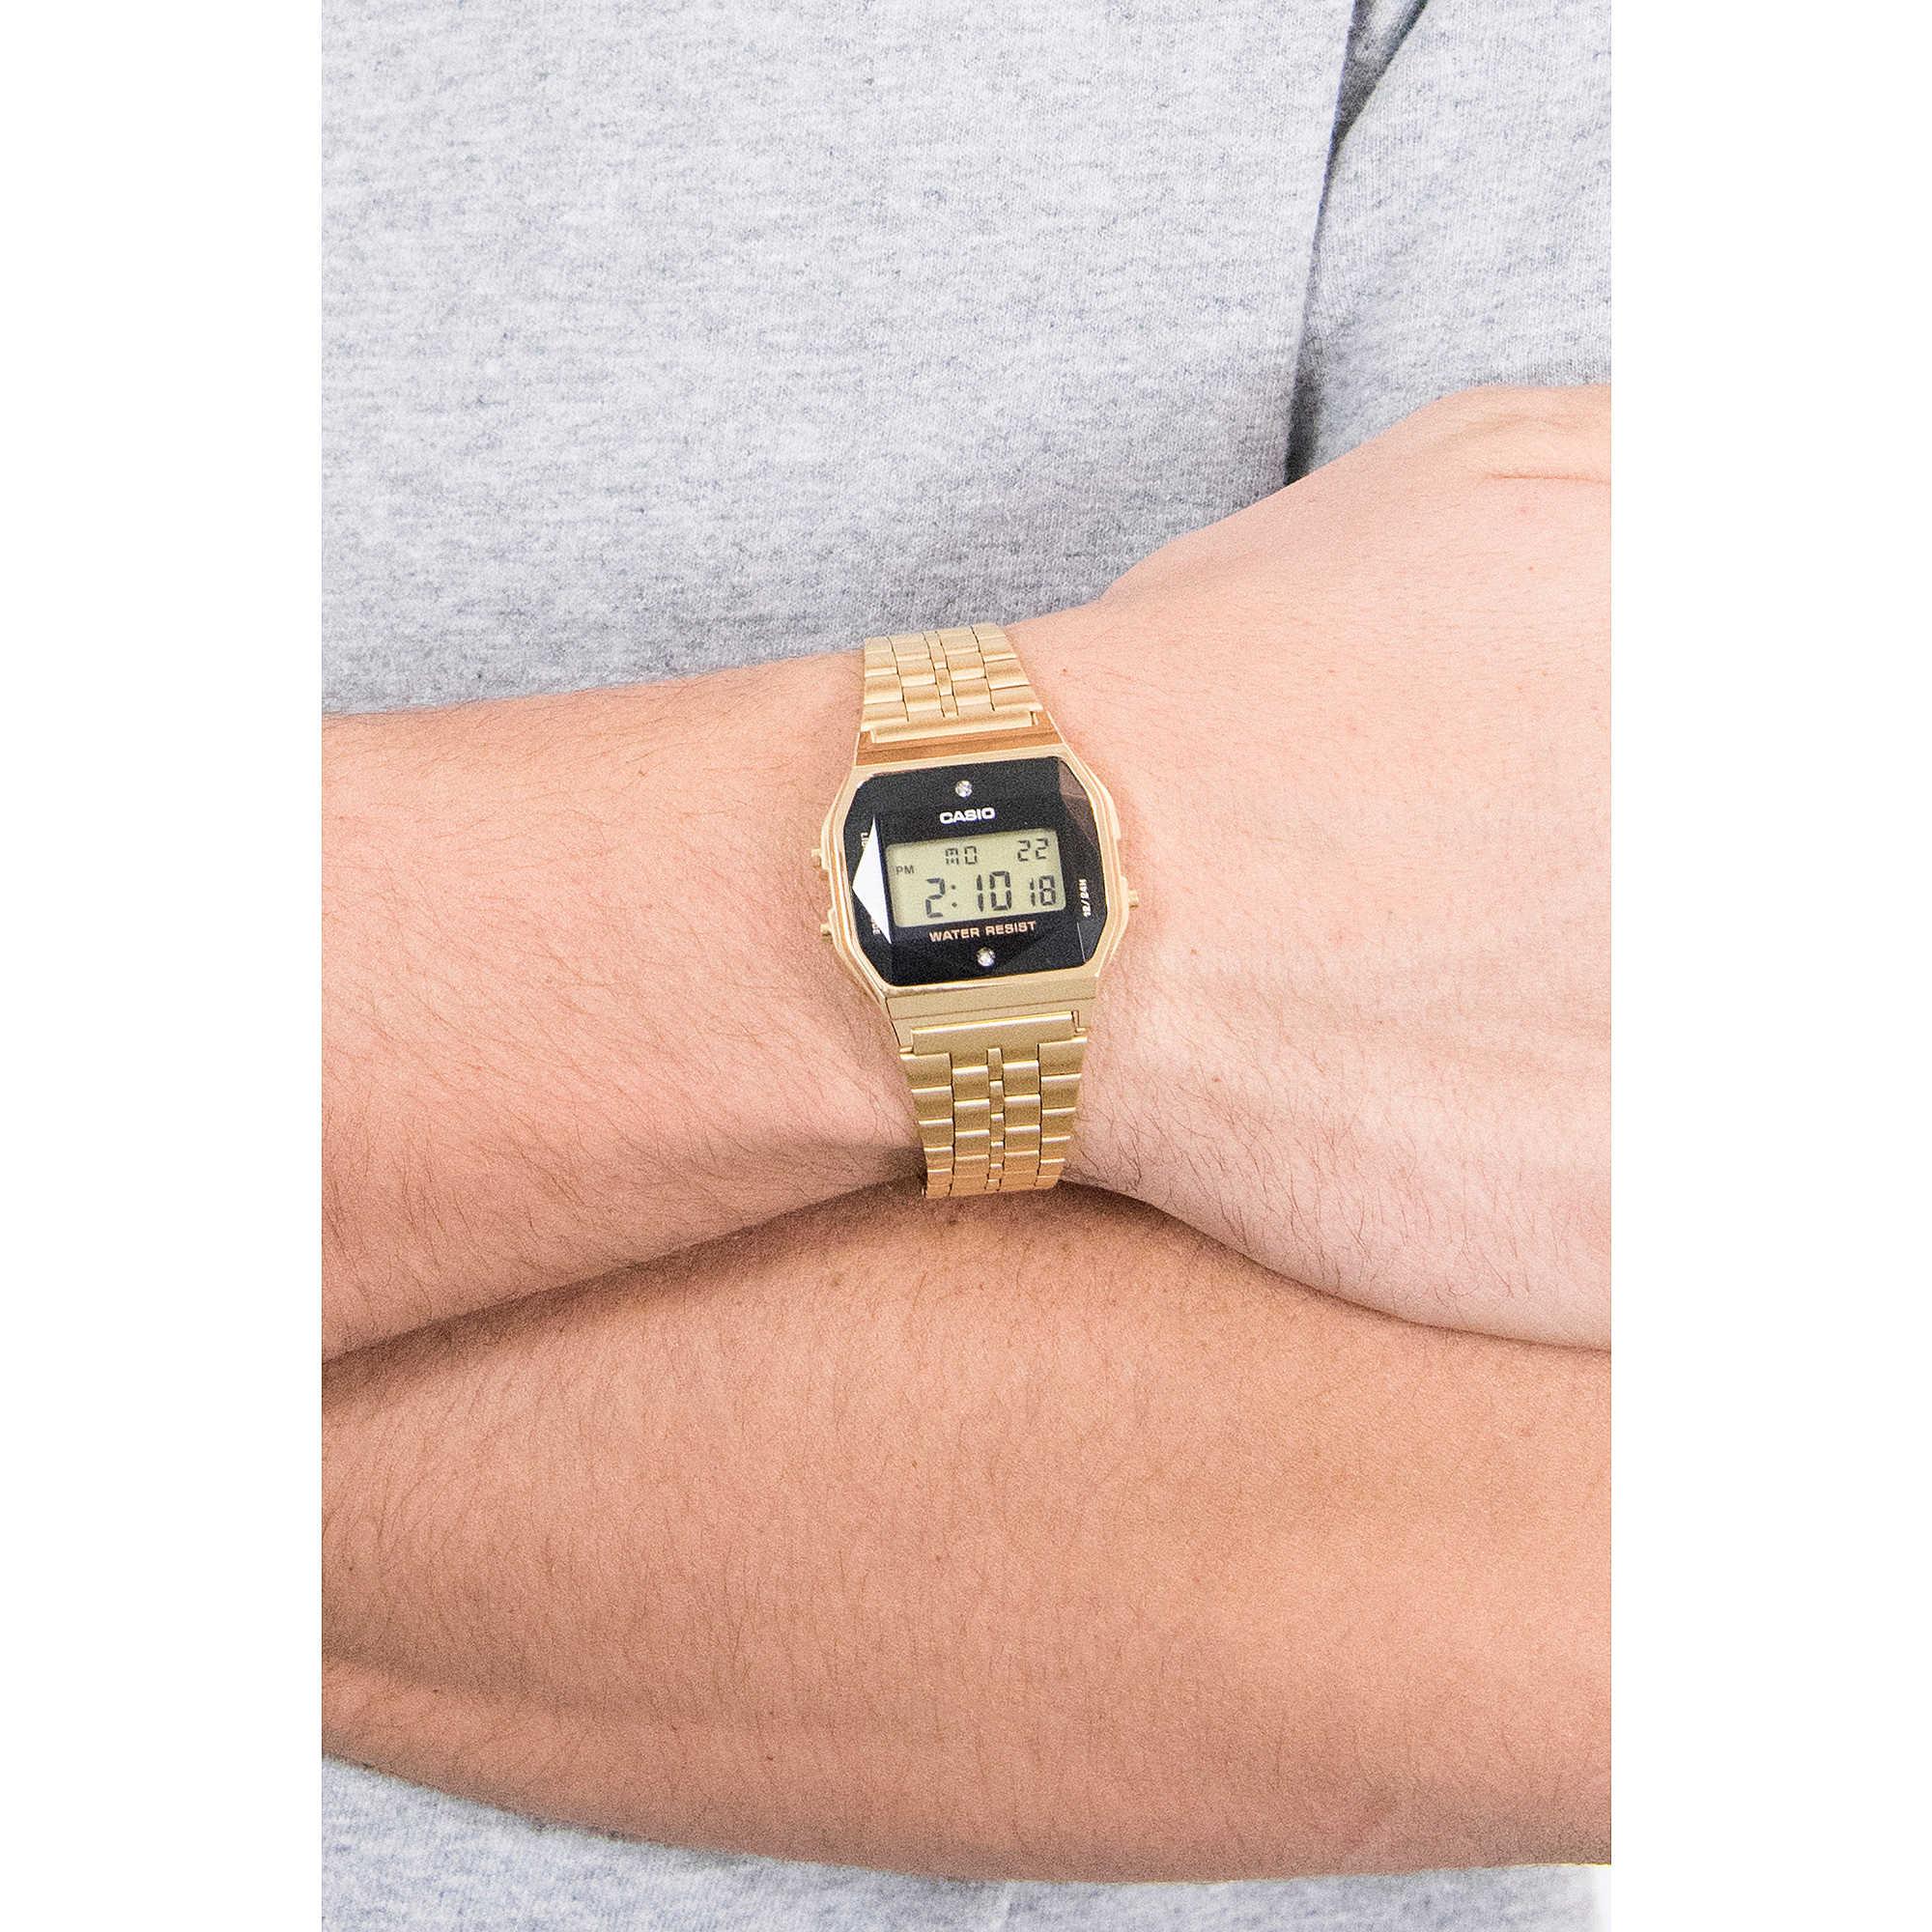 60ddd6276c147 watch digital man Casio Retro A159WGED-1EF digitals Casio